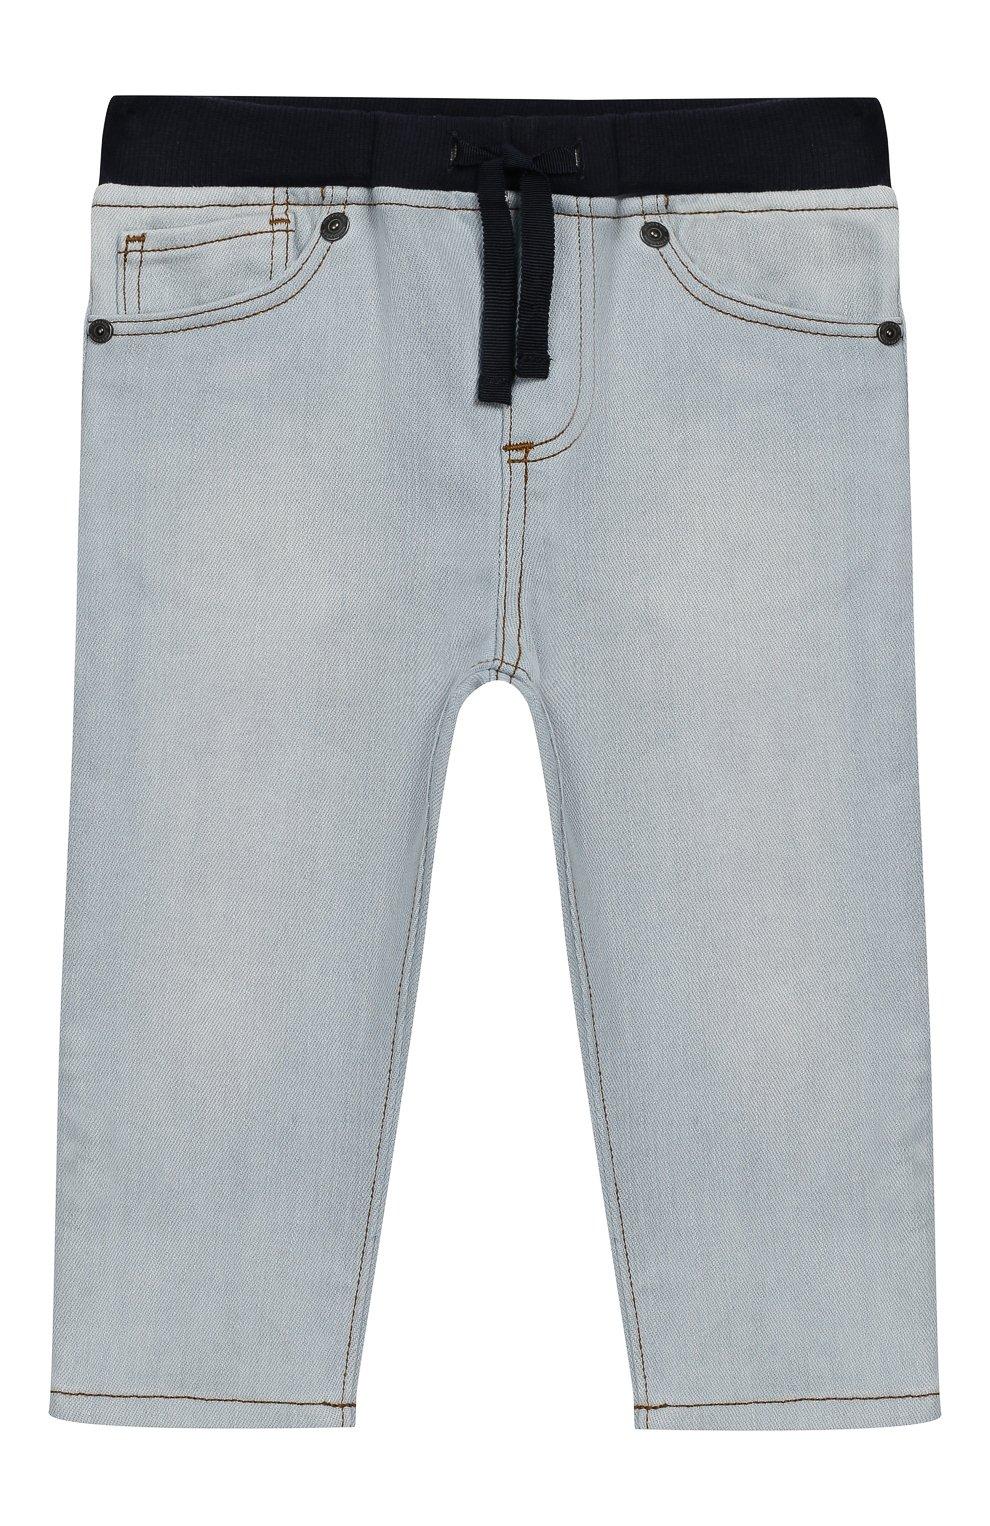 Детские джинсы с поясом на кулиске BURBERRY голубого цвета, арт. 8007463 | Фото 1